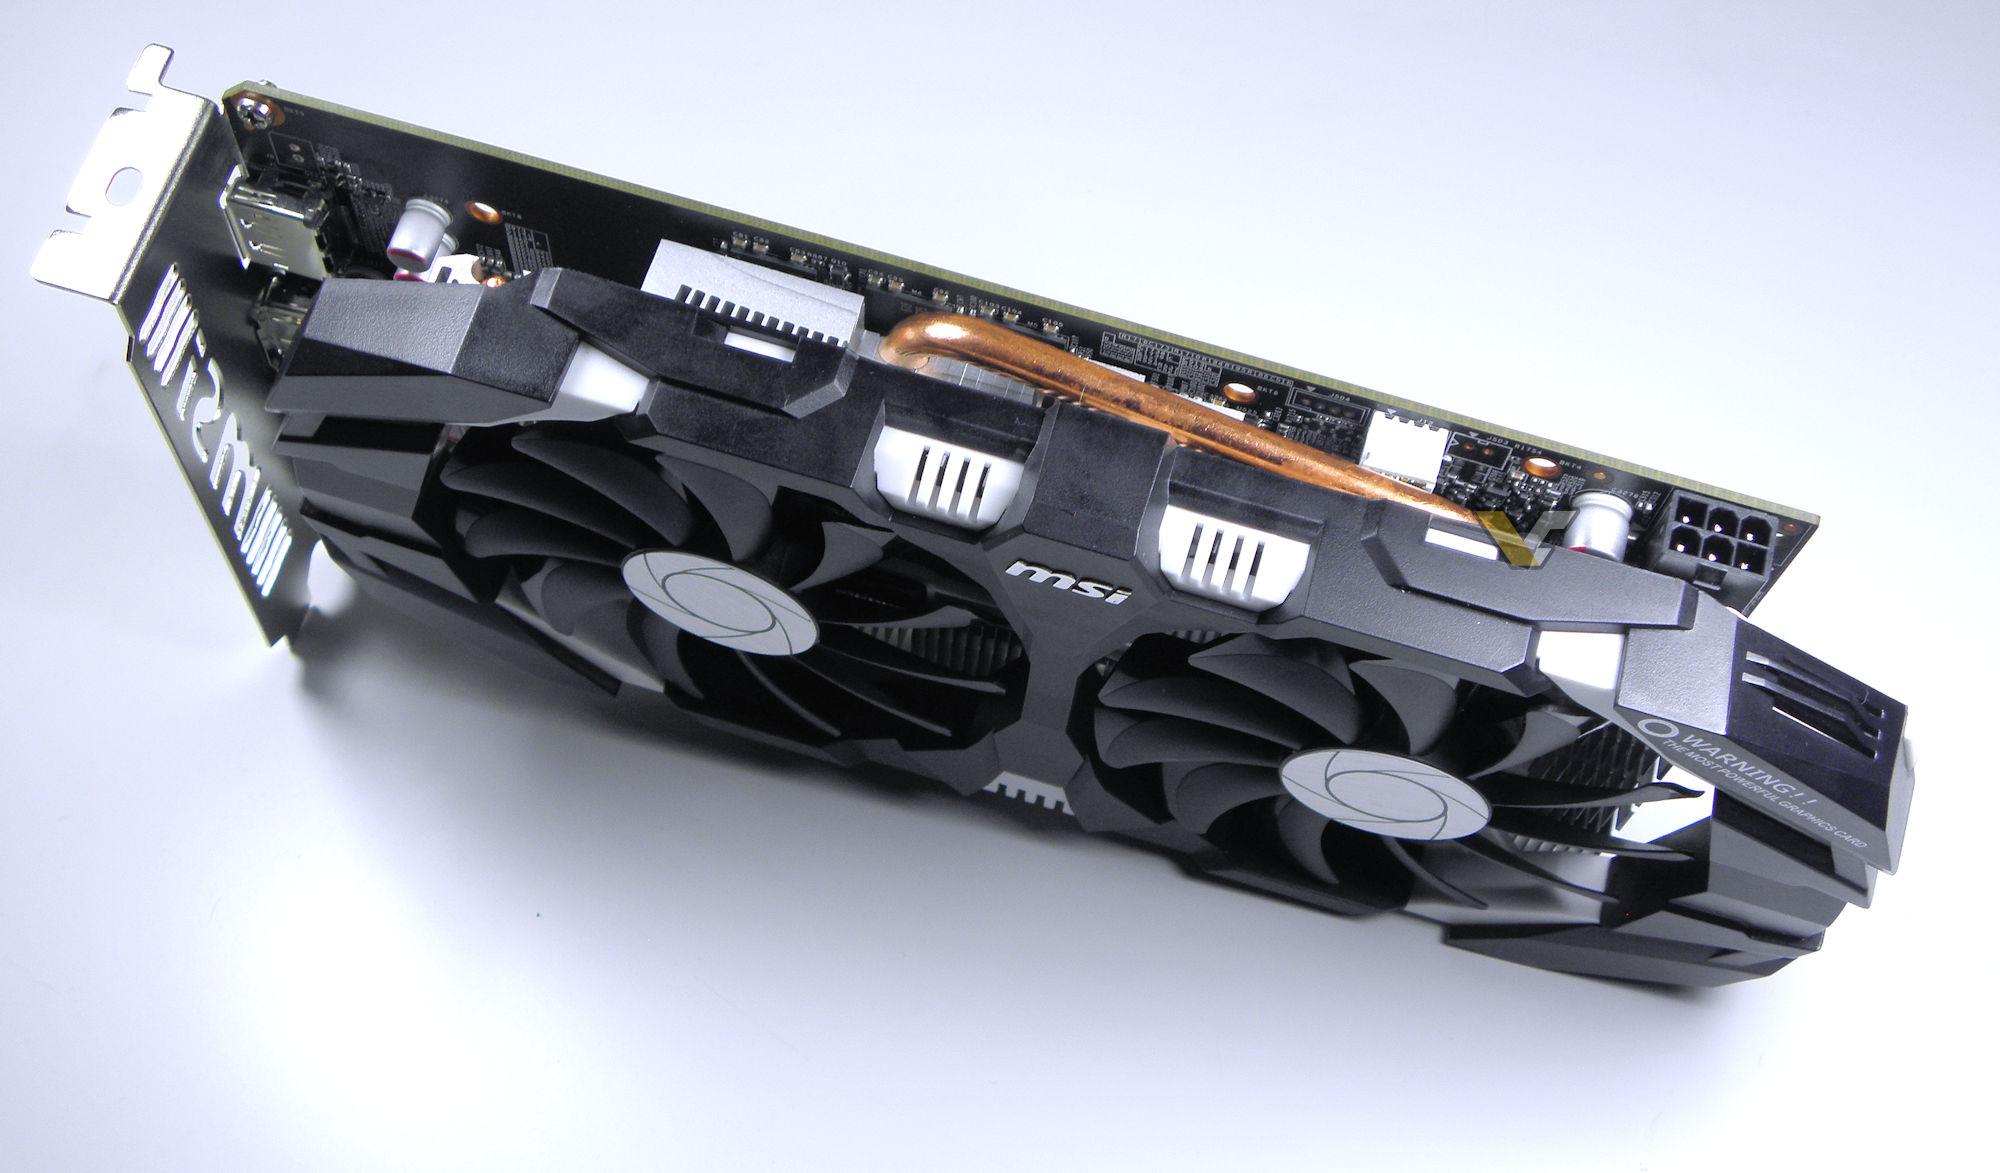 msi geforce gtx 1060 6gb gt oc